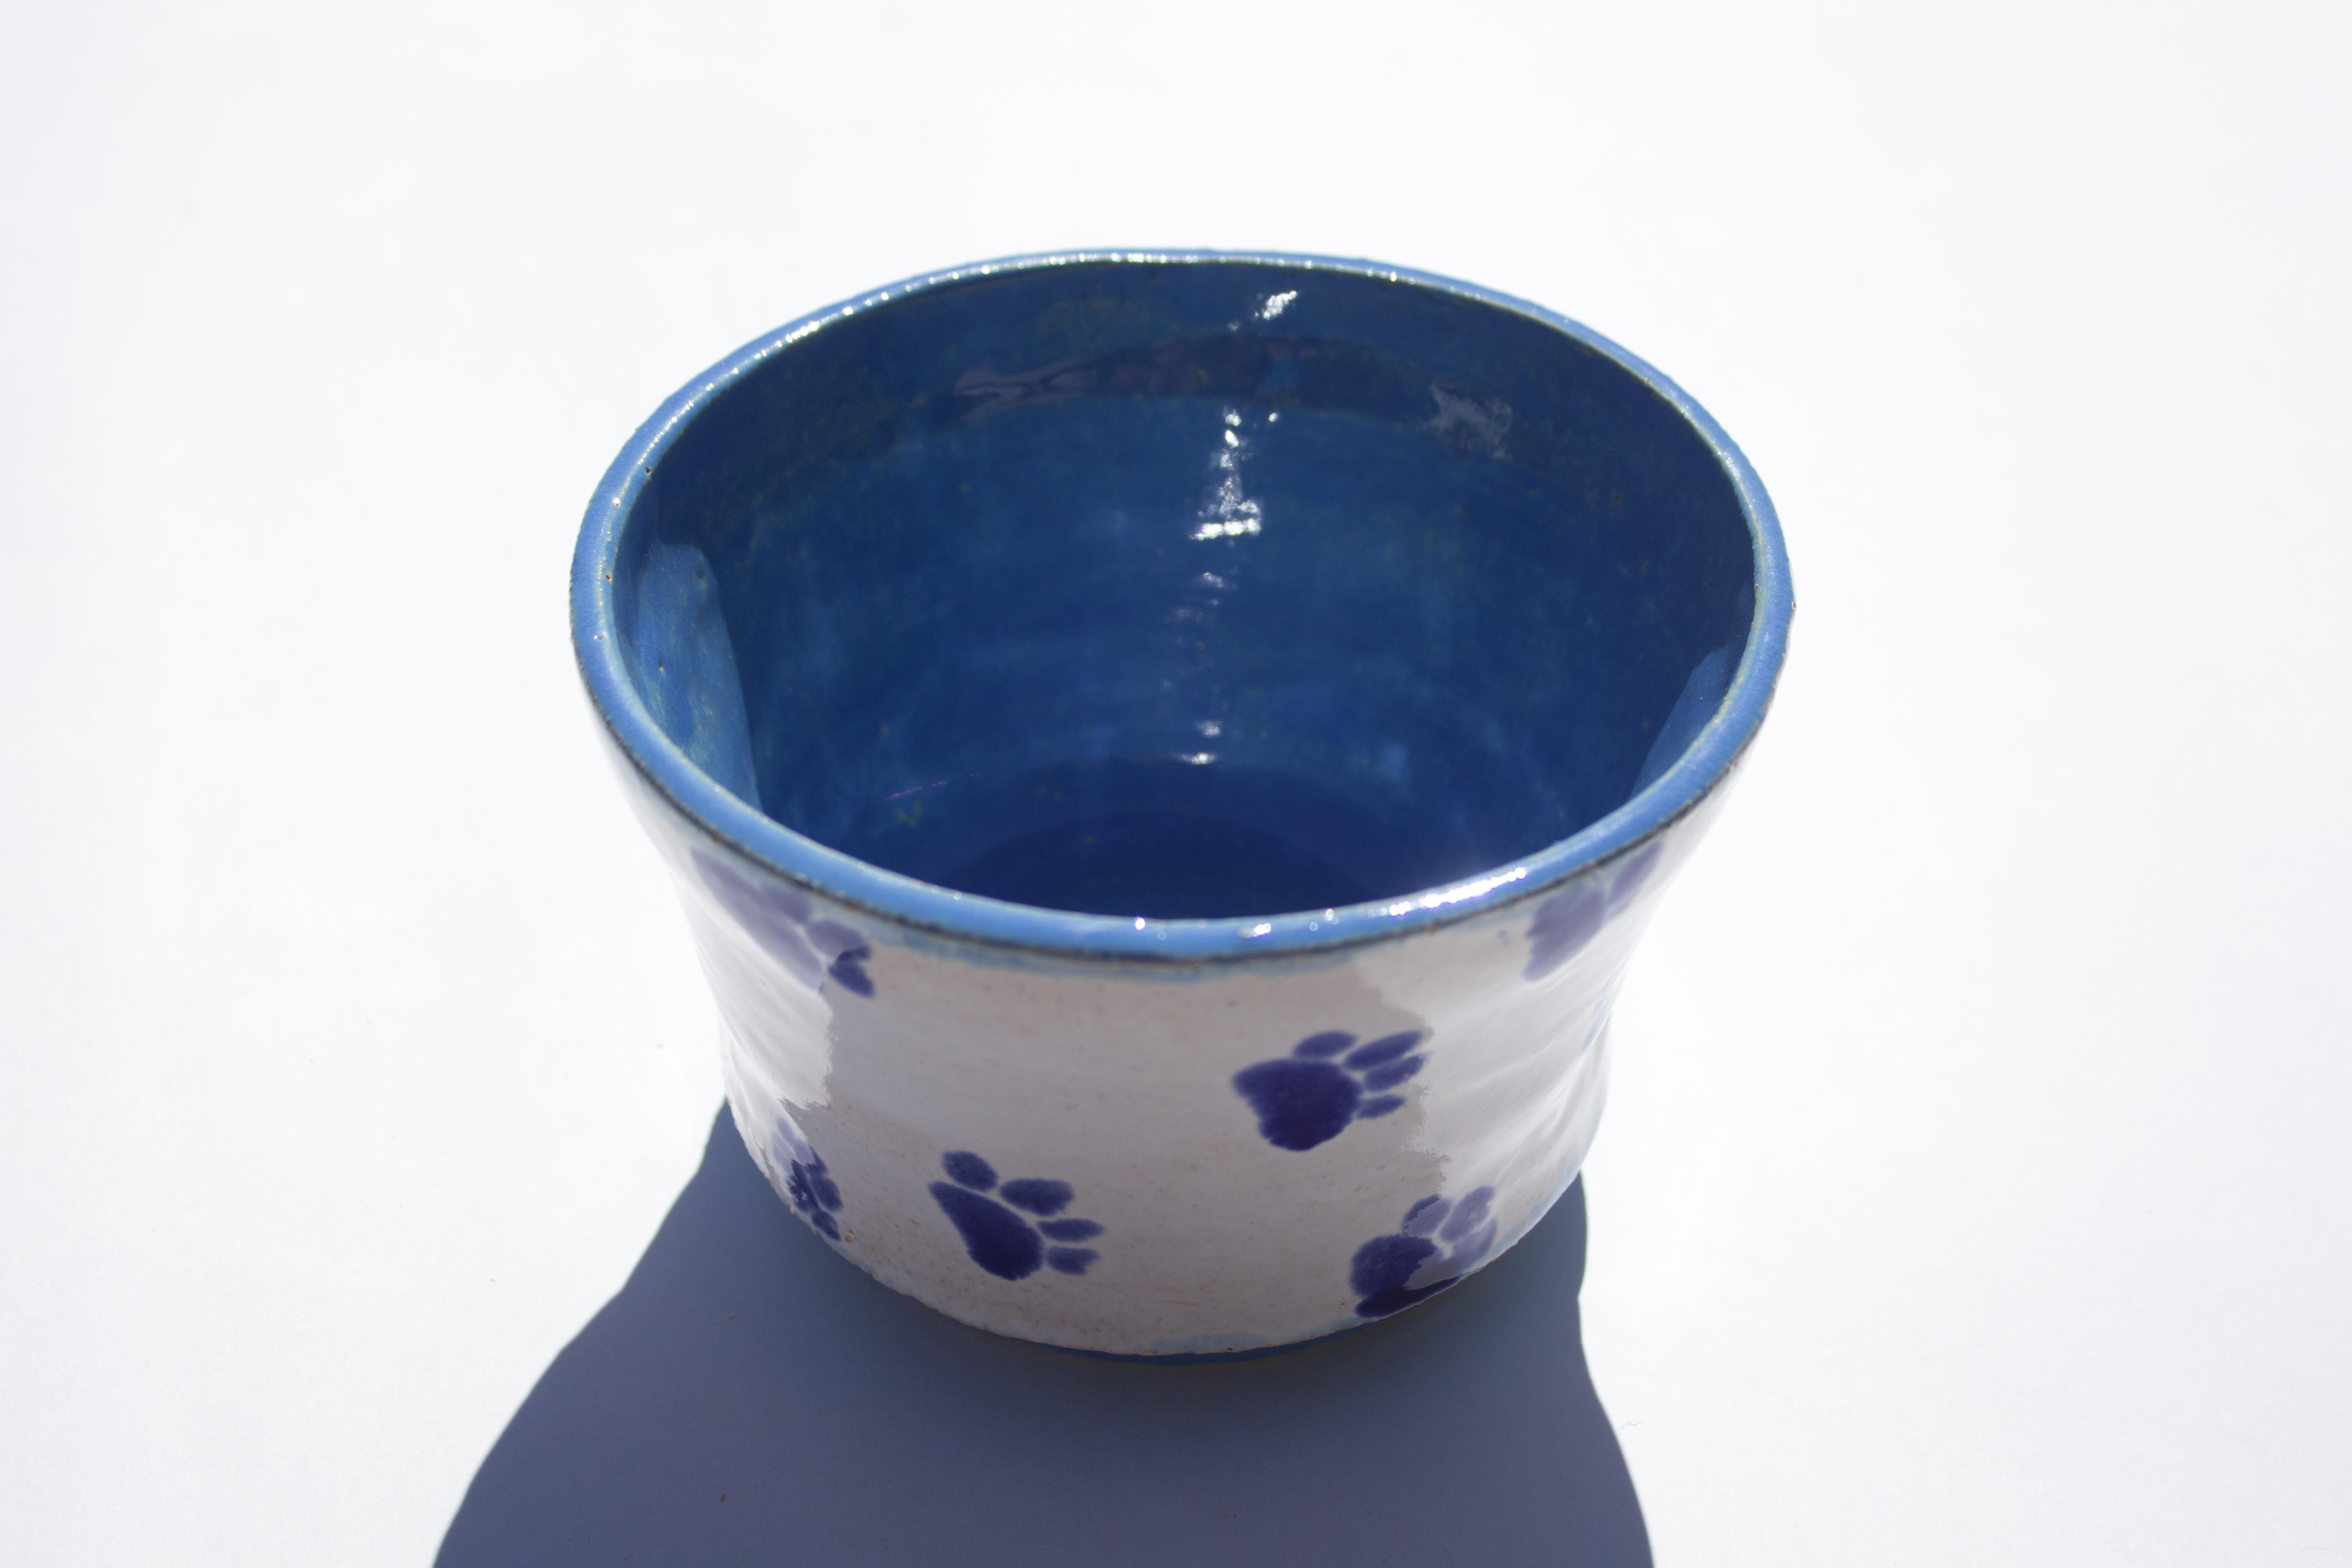 Paw print bowl